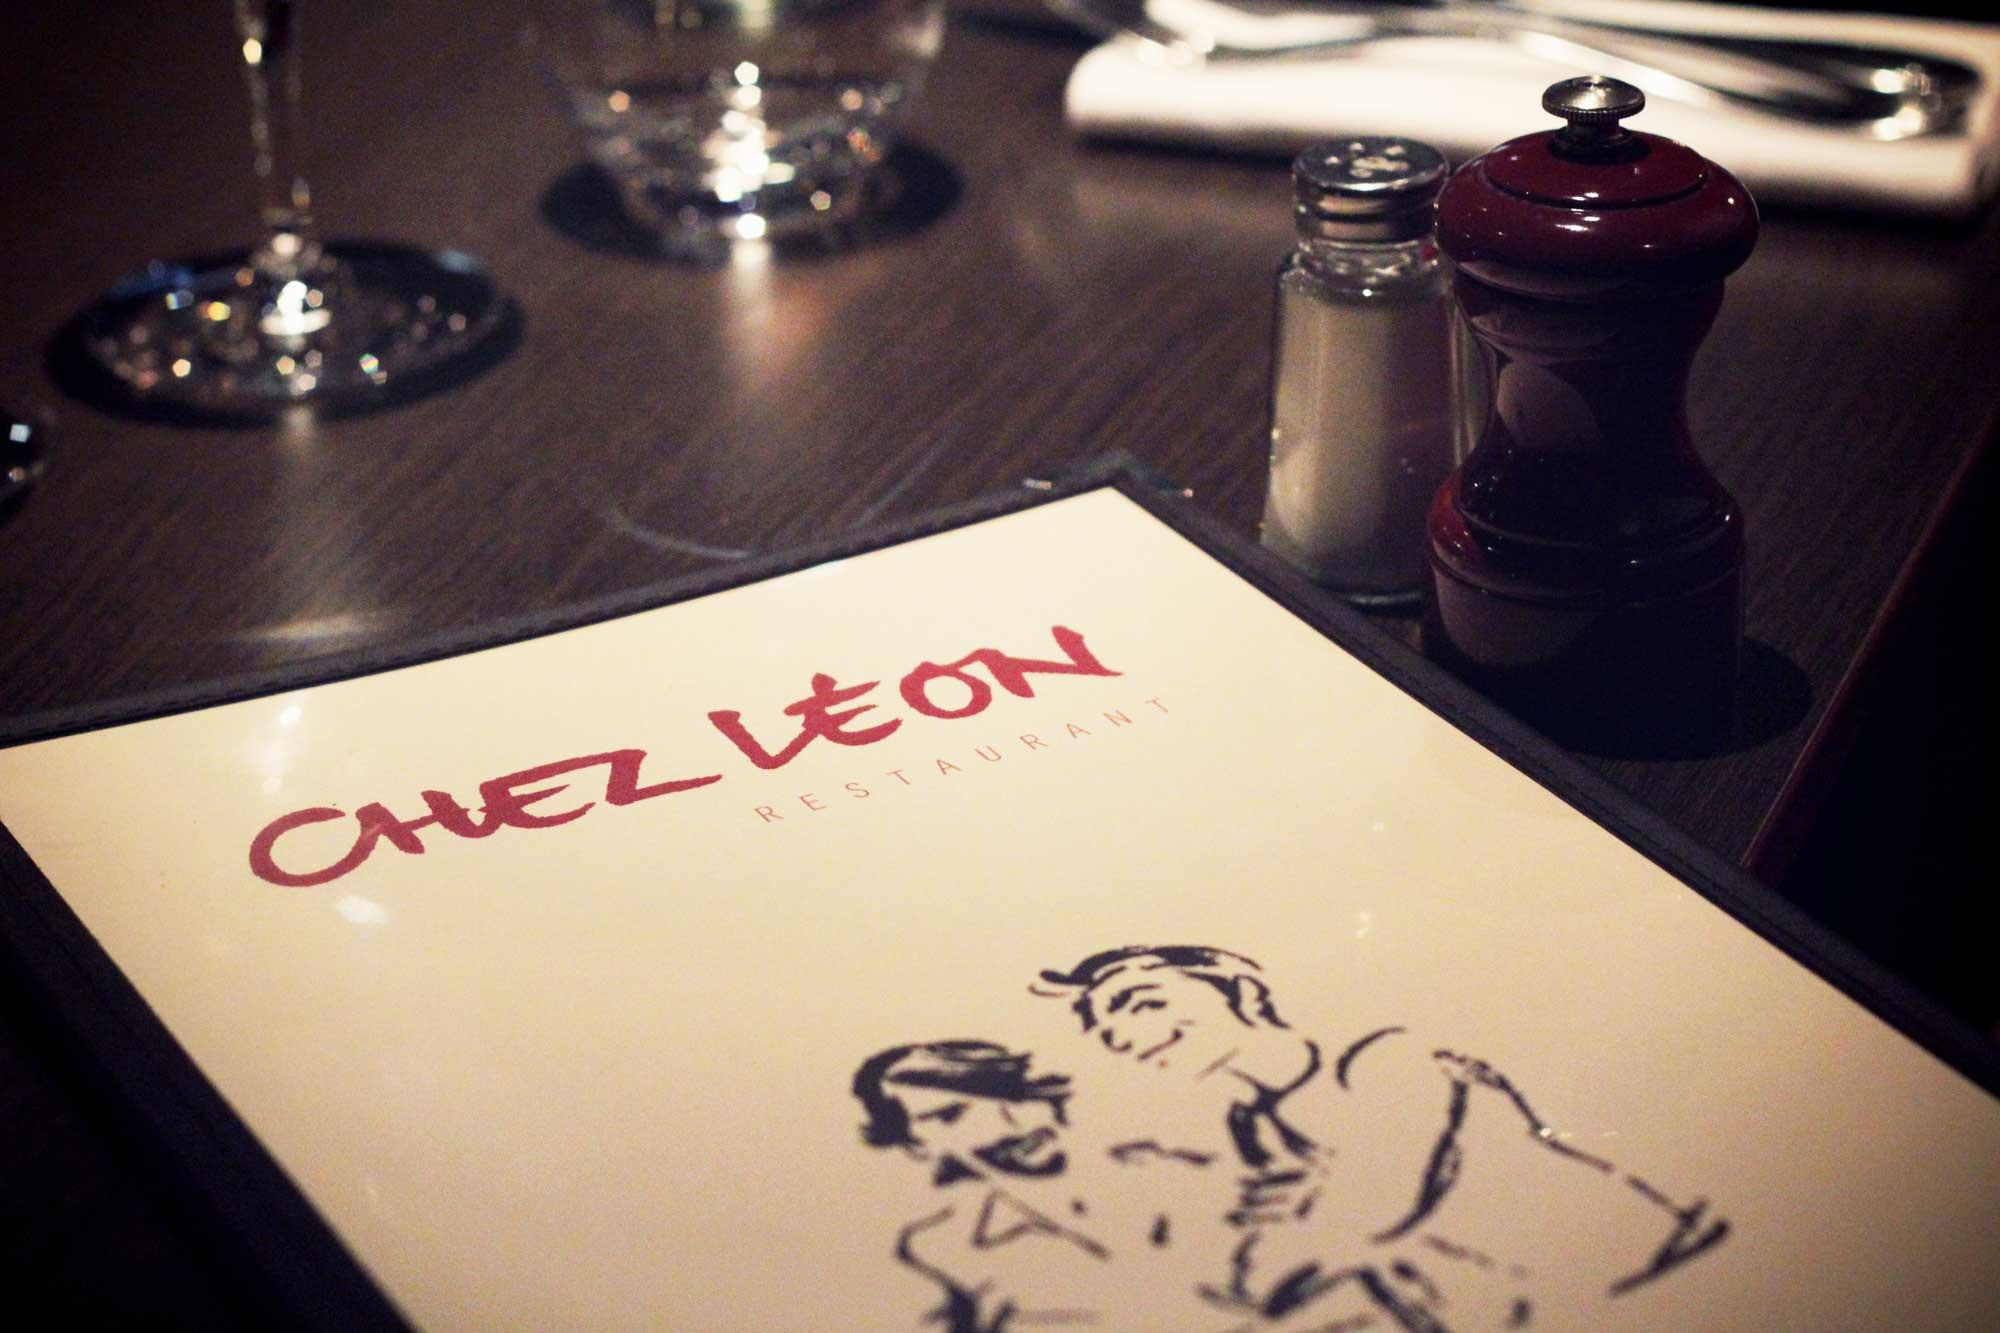 Chez l on cuisine cr ative du terroir happy city for Chez leon meuble montreal